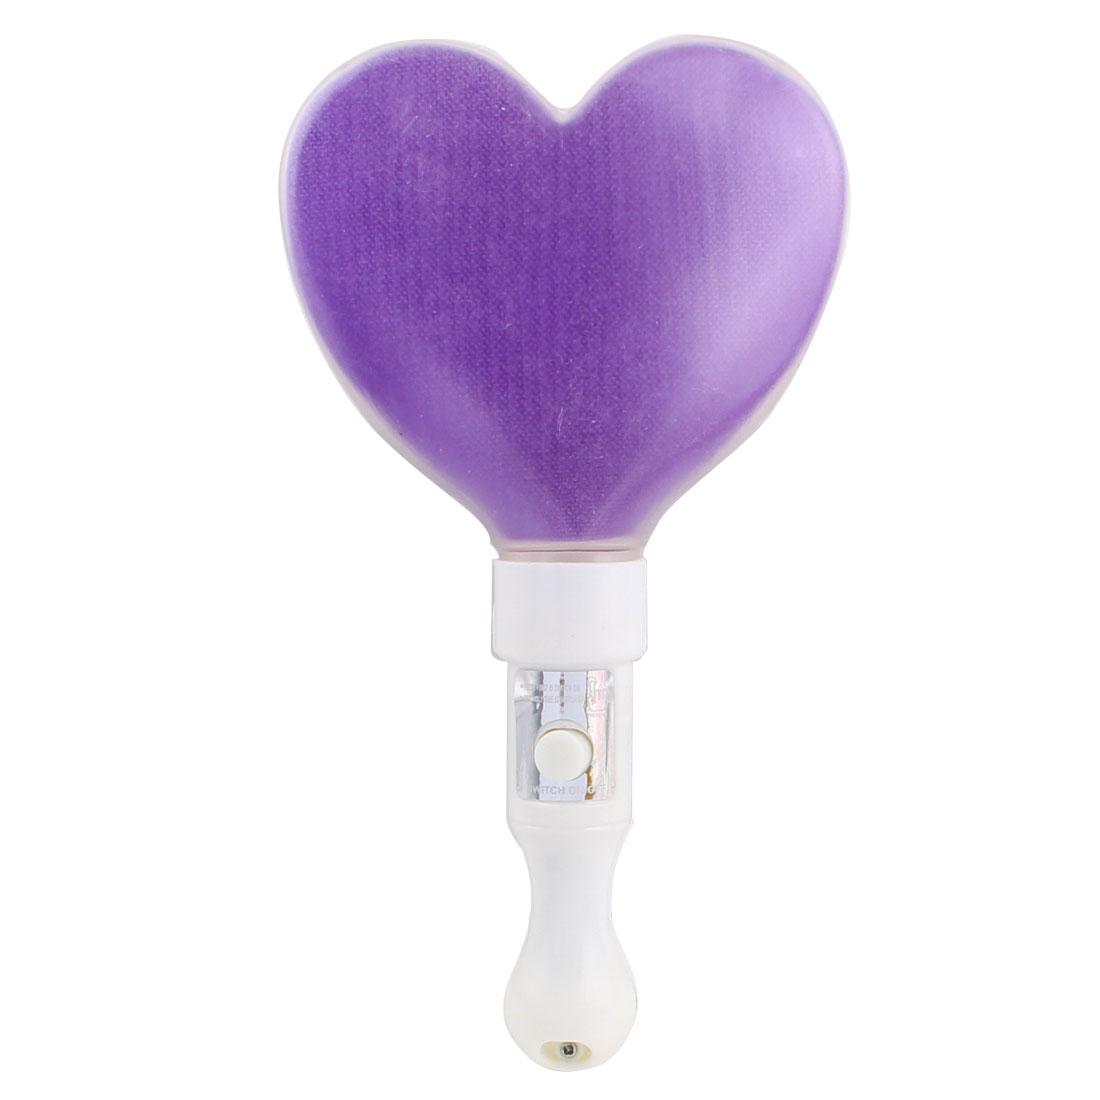 Light-Up Strobe Stick Party Flashing LED Glow Blinking Wand Purple White